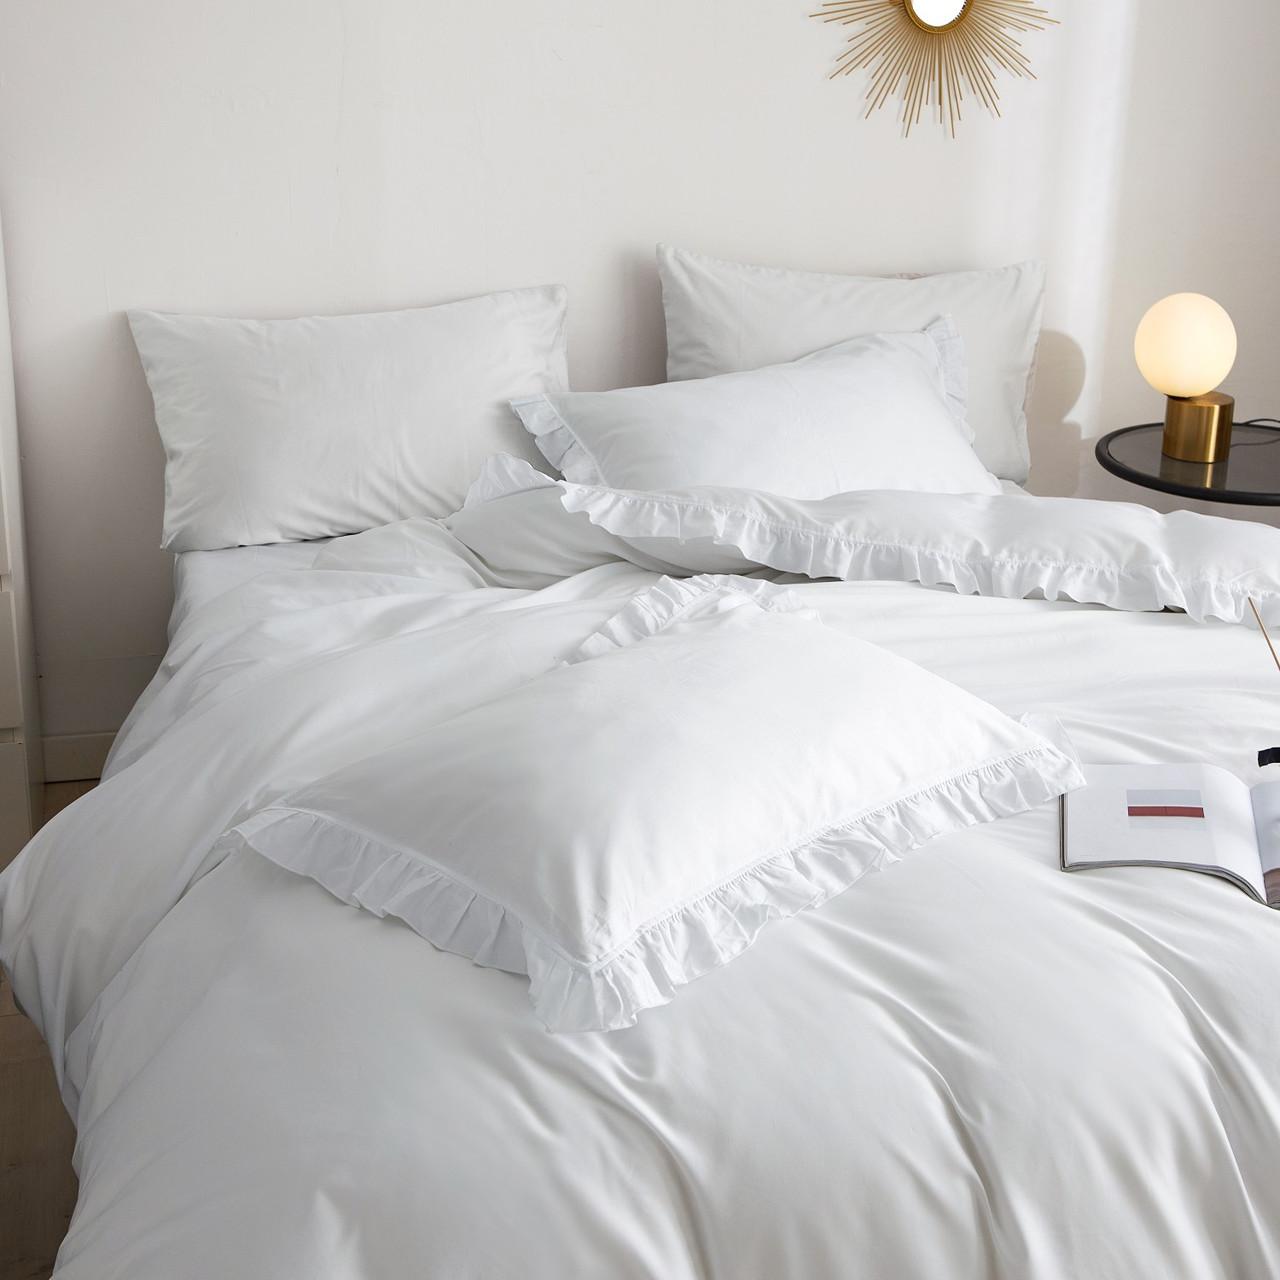 DM807K Ruffle Edge Bedding -- Snow White: 6 Pieces Luxury King Size Duvet Cover Set 100% Cotton